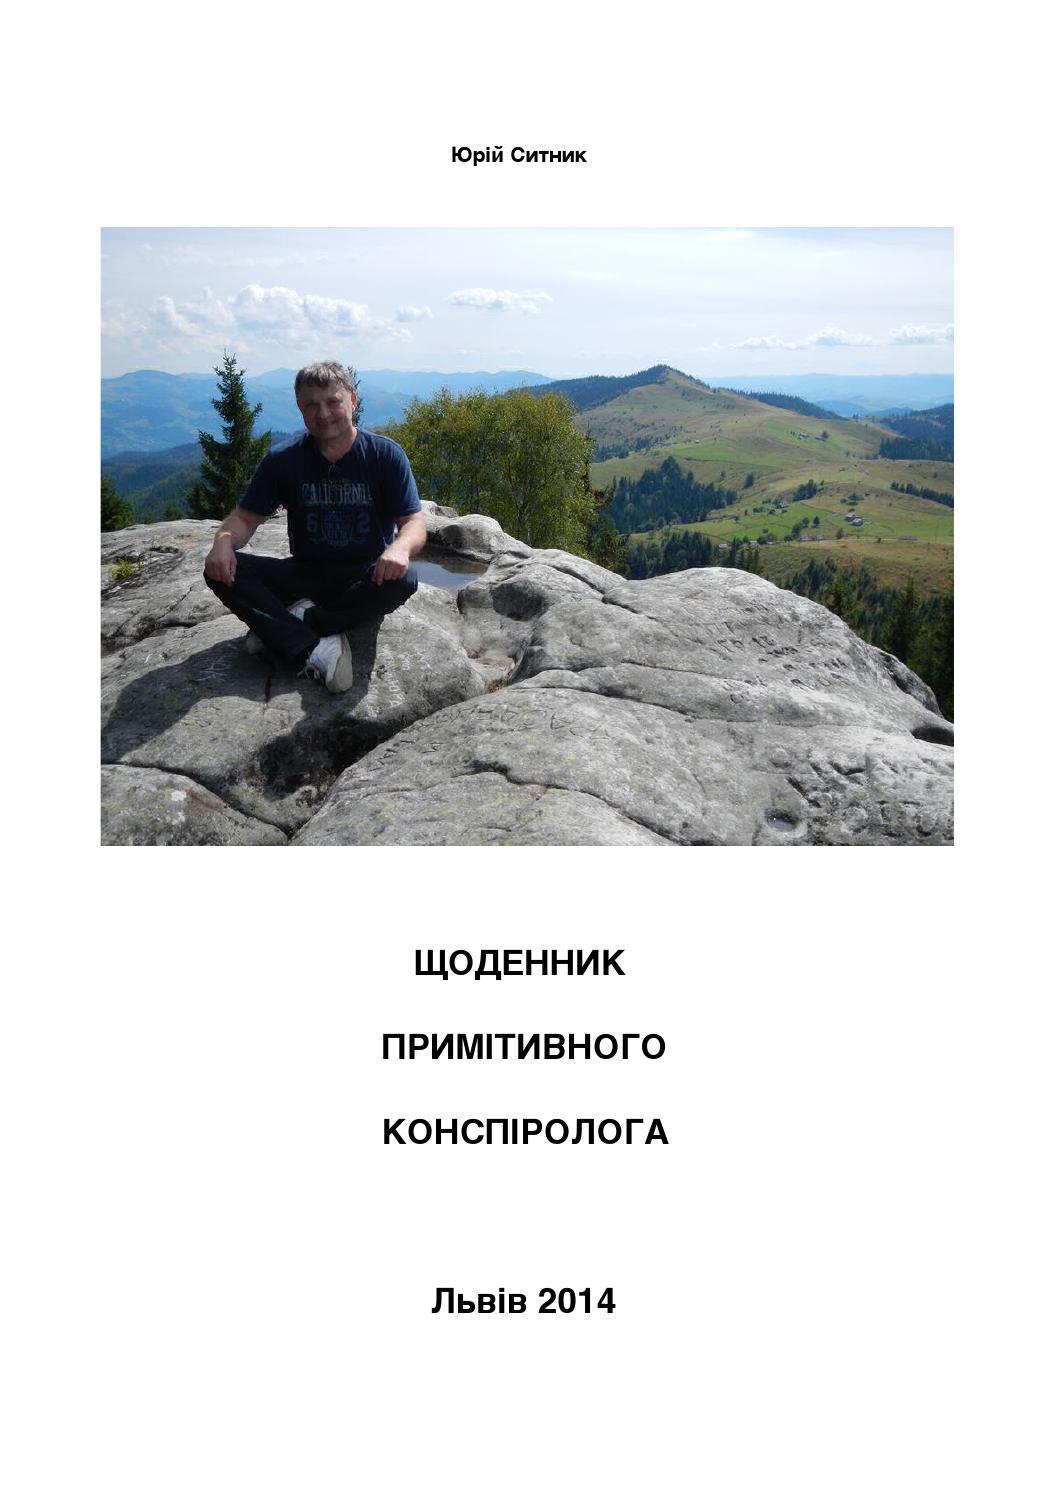 Юрій Ситник. Щоденник Примітивного Конспіролога by Мирон Бурка - issuu f217ba36fc5e4